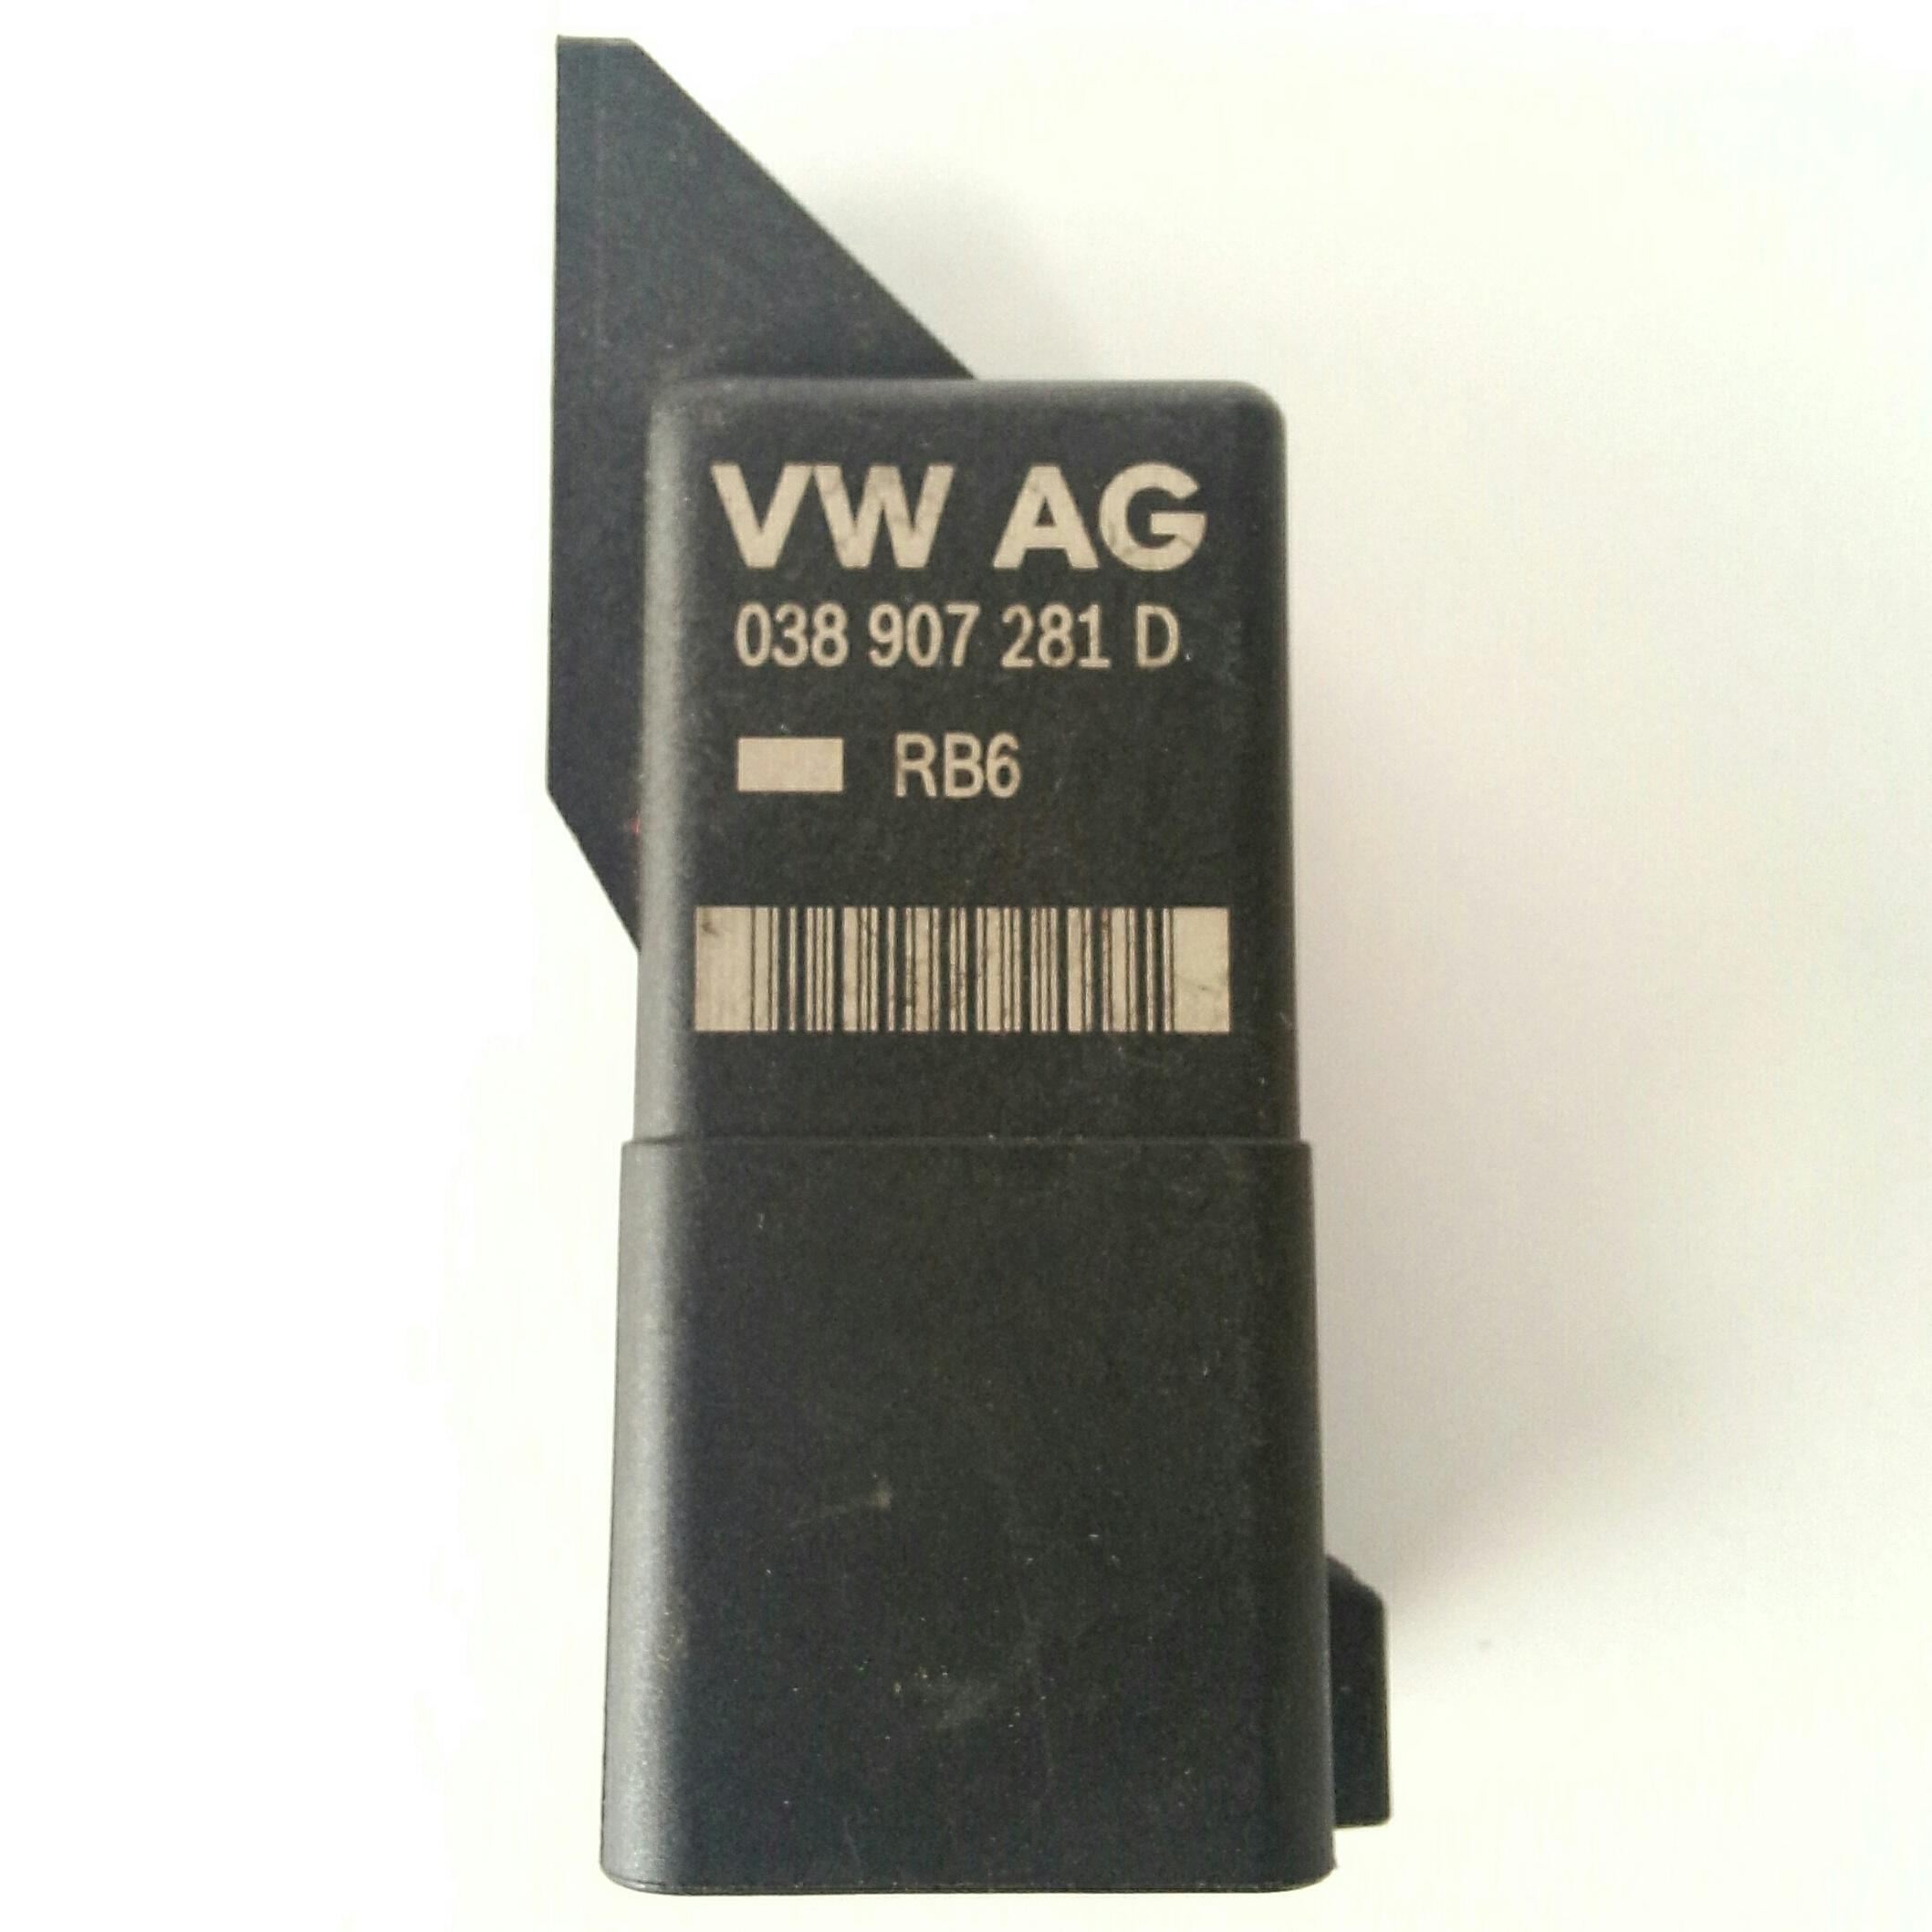 Реле свеч накала BOSCH 0 281 003 038 VW AG 038 907 281 D Блок управления - реле свечей накала VW Т4 / Т5 Made in Malaysia